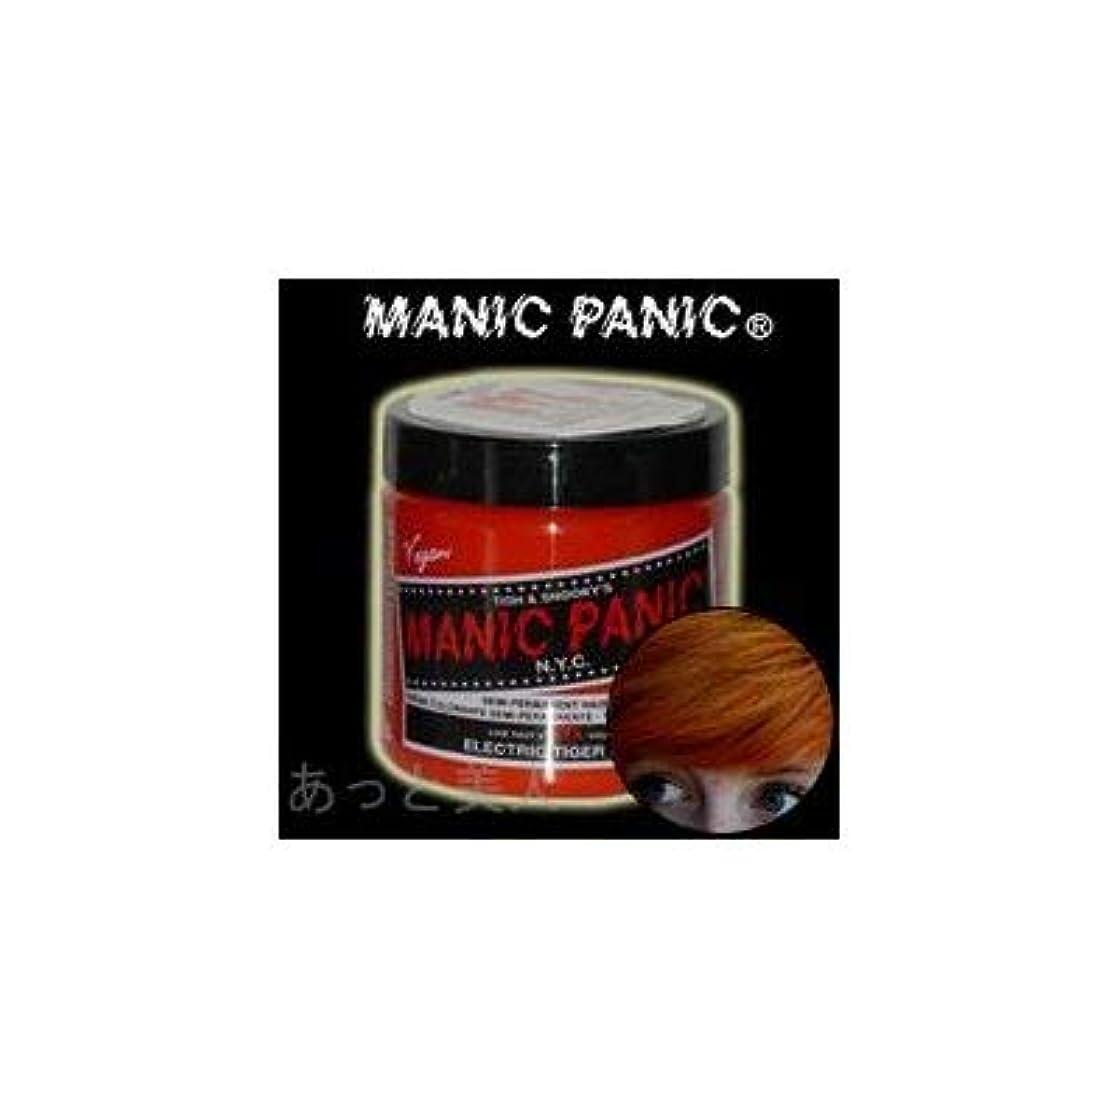 寓話暴君列挙するMANIC PANICマニックパニック エレクトリックタイガーリリー(Electric Tiger Lily)